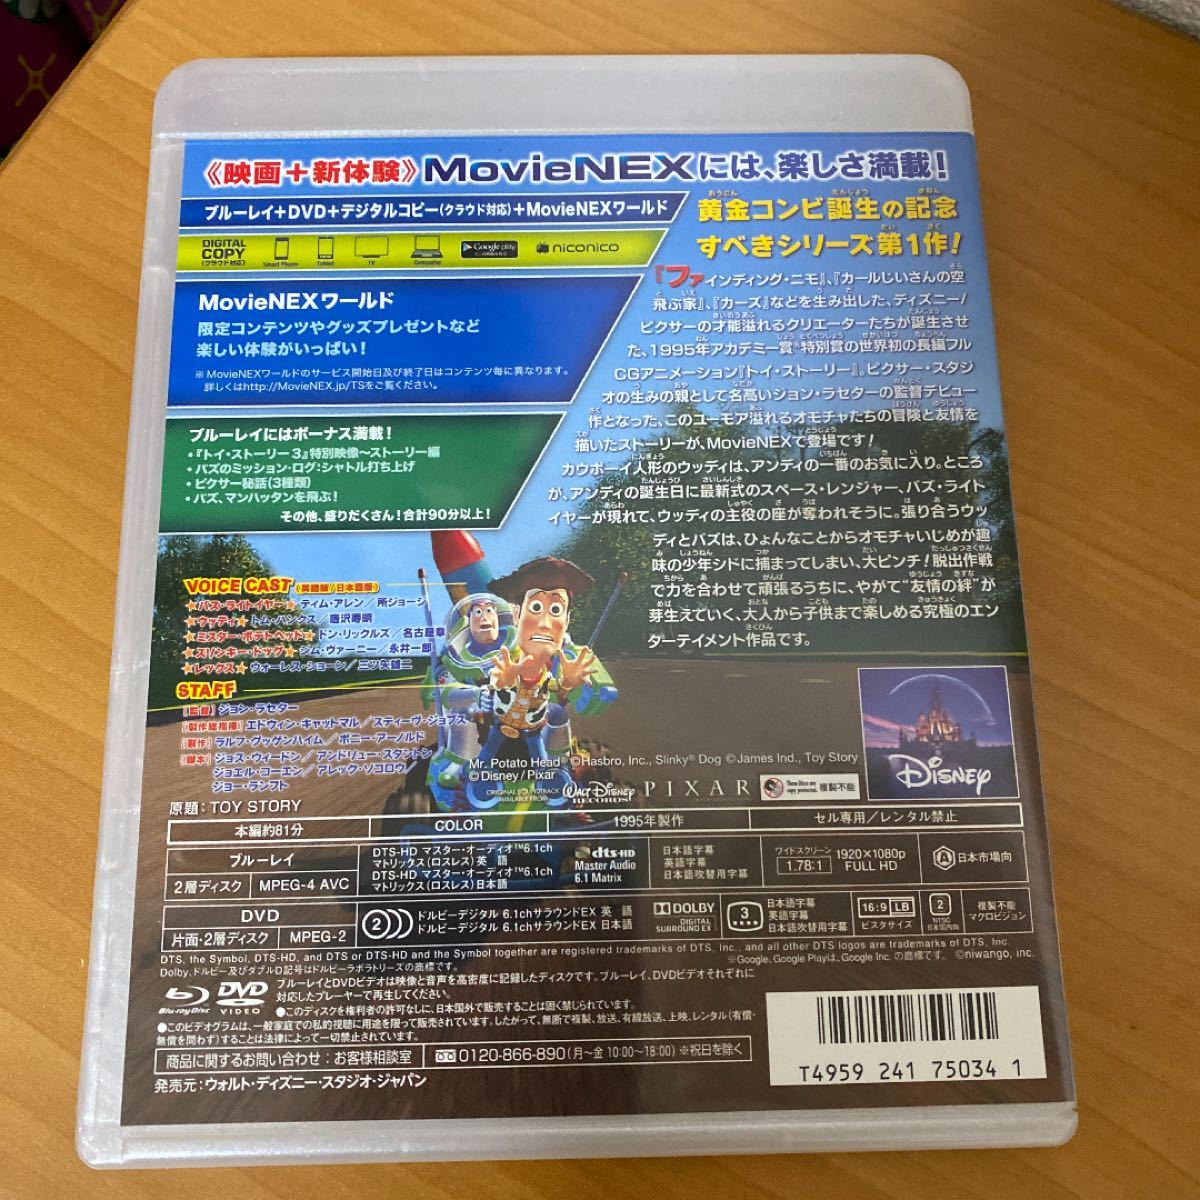 【新品 未使用品】トイストーリー DVDディスク